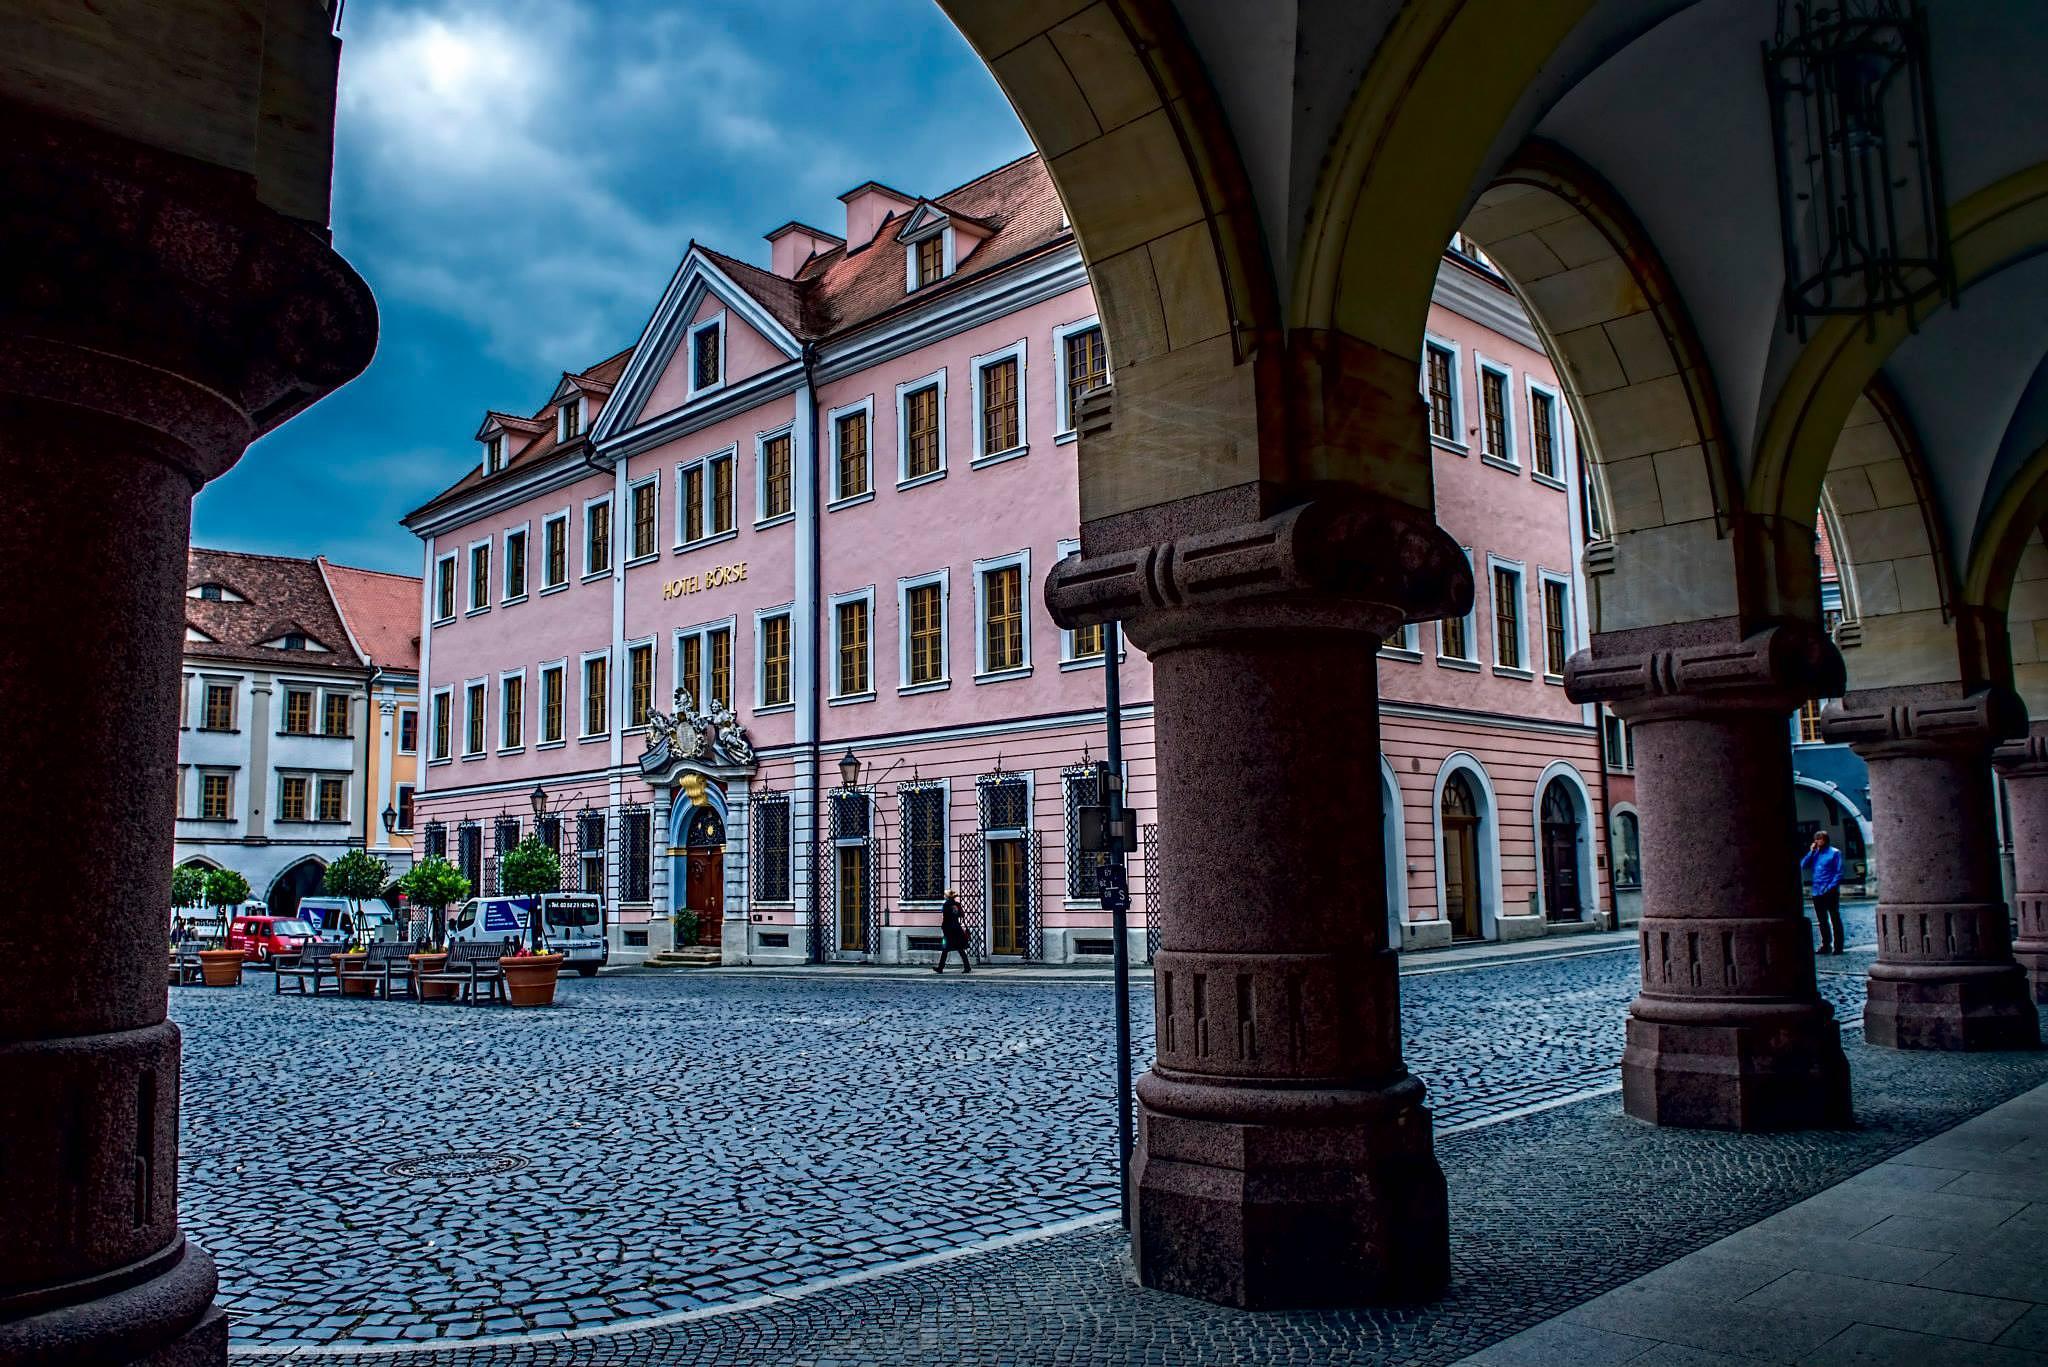 Goerlitz, Germany - old city by Waldemar Sadlowski